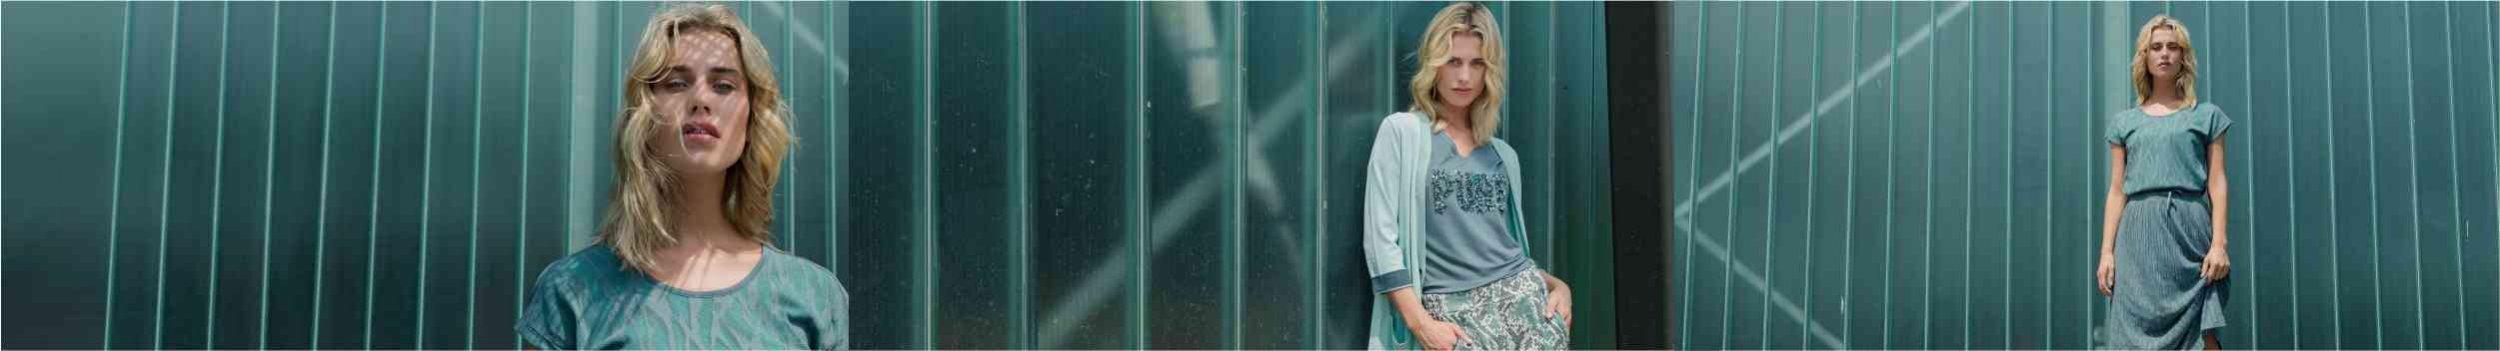 Bekijk alle Poools kleding en koop deze online op poools.nl